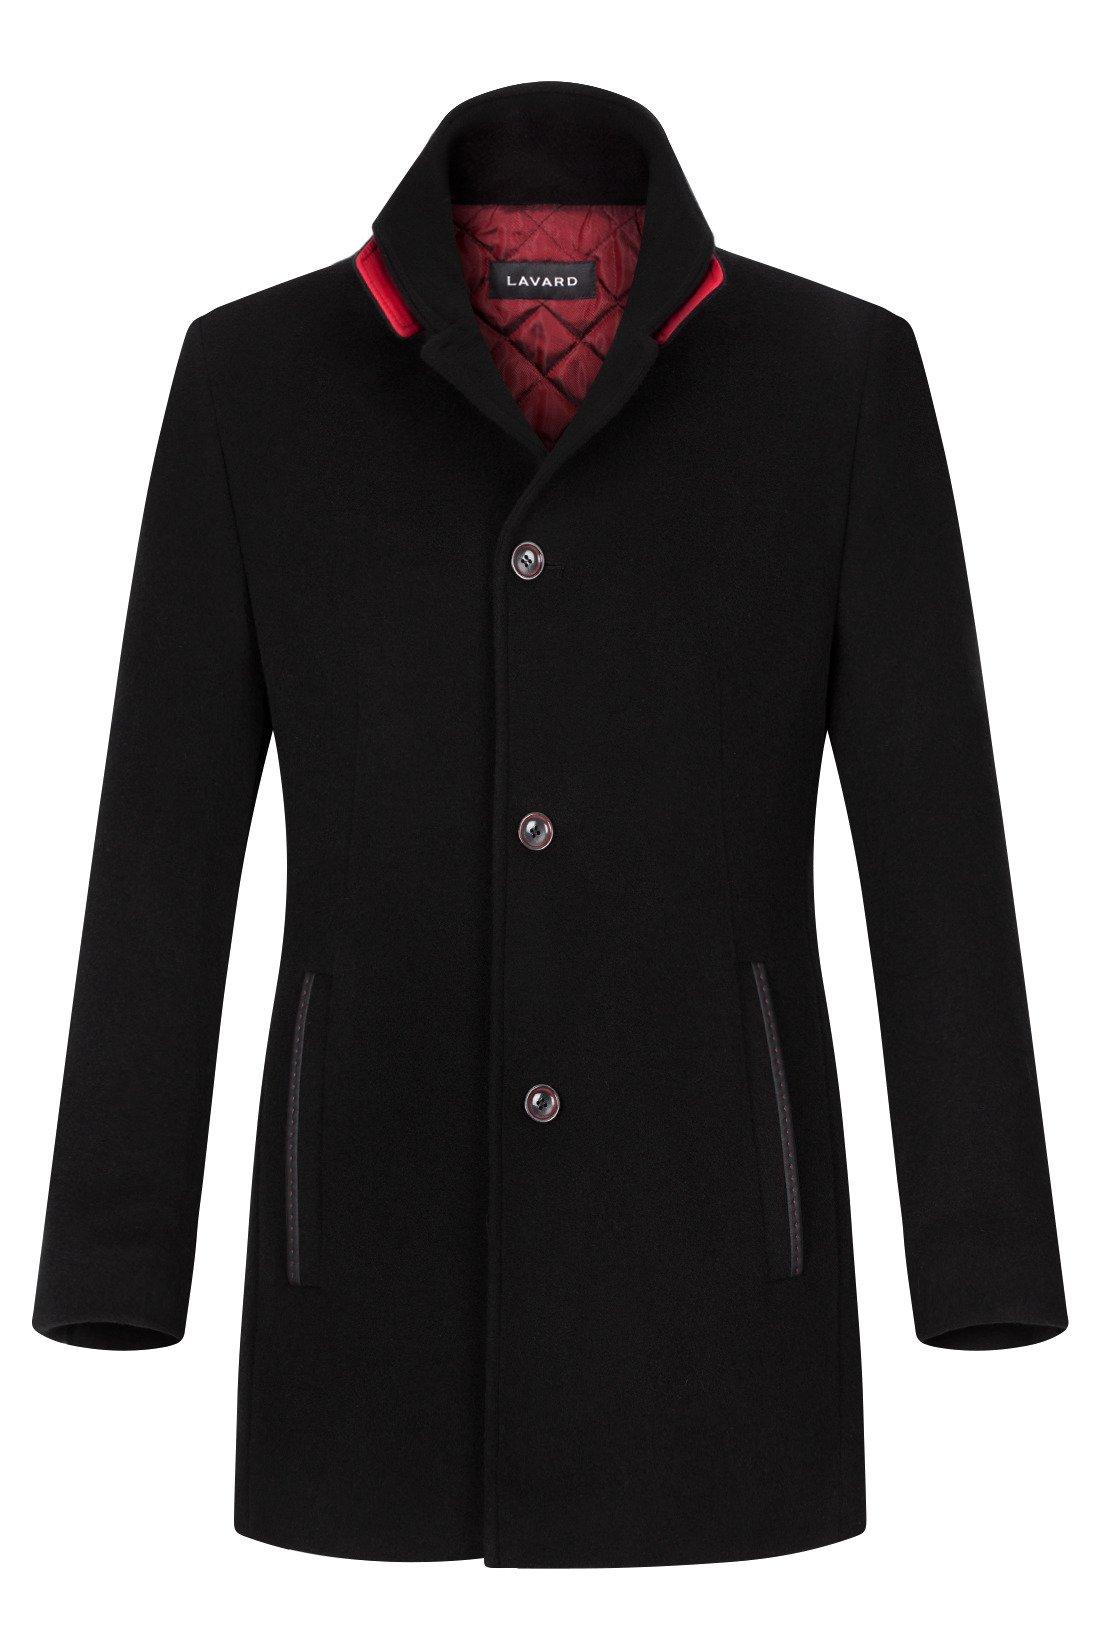 Płaszcz zimowy Lavard Rico Bellandi 26318 flauszowy czarny